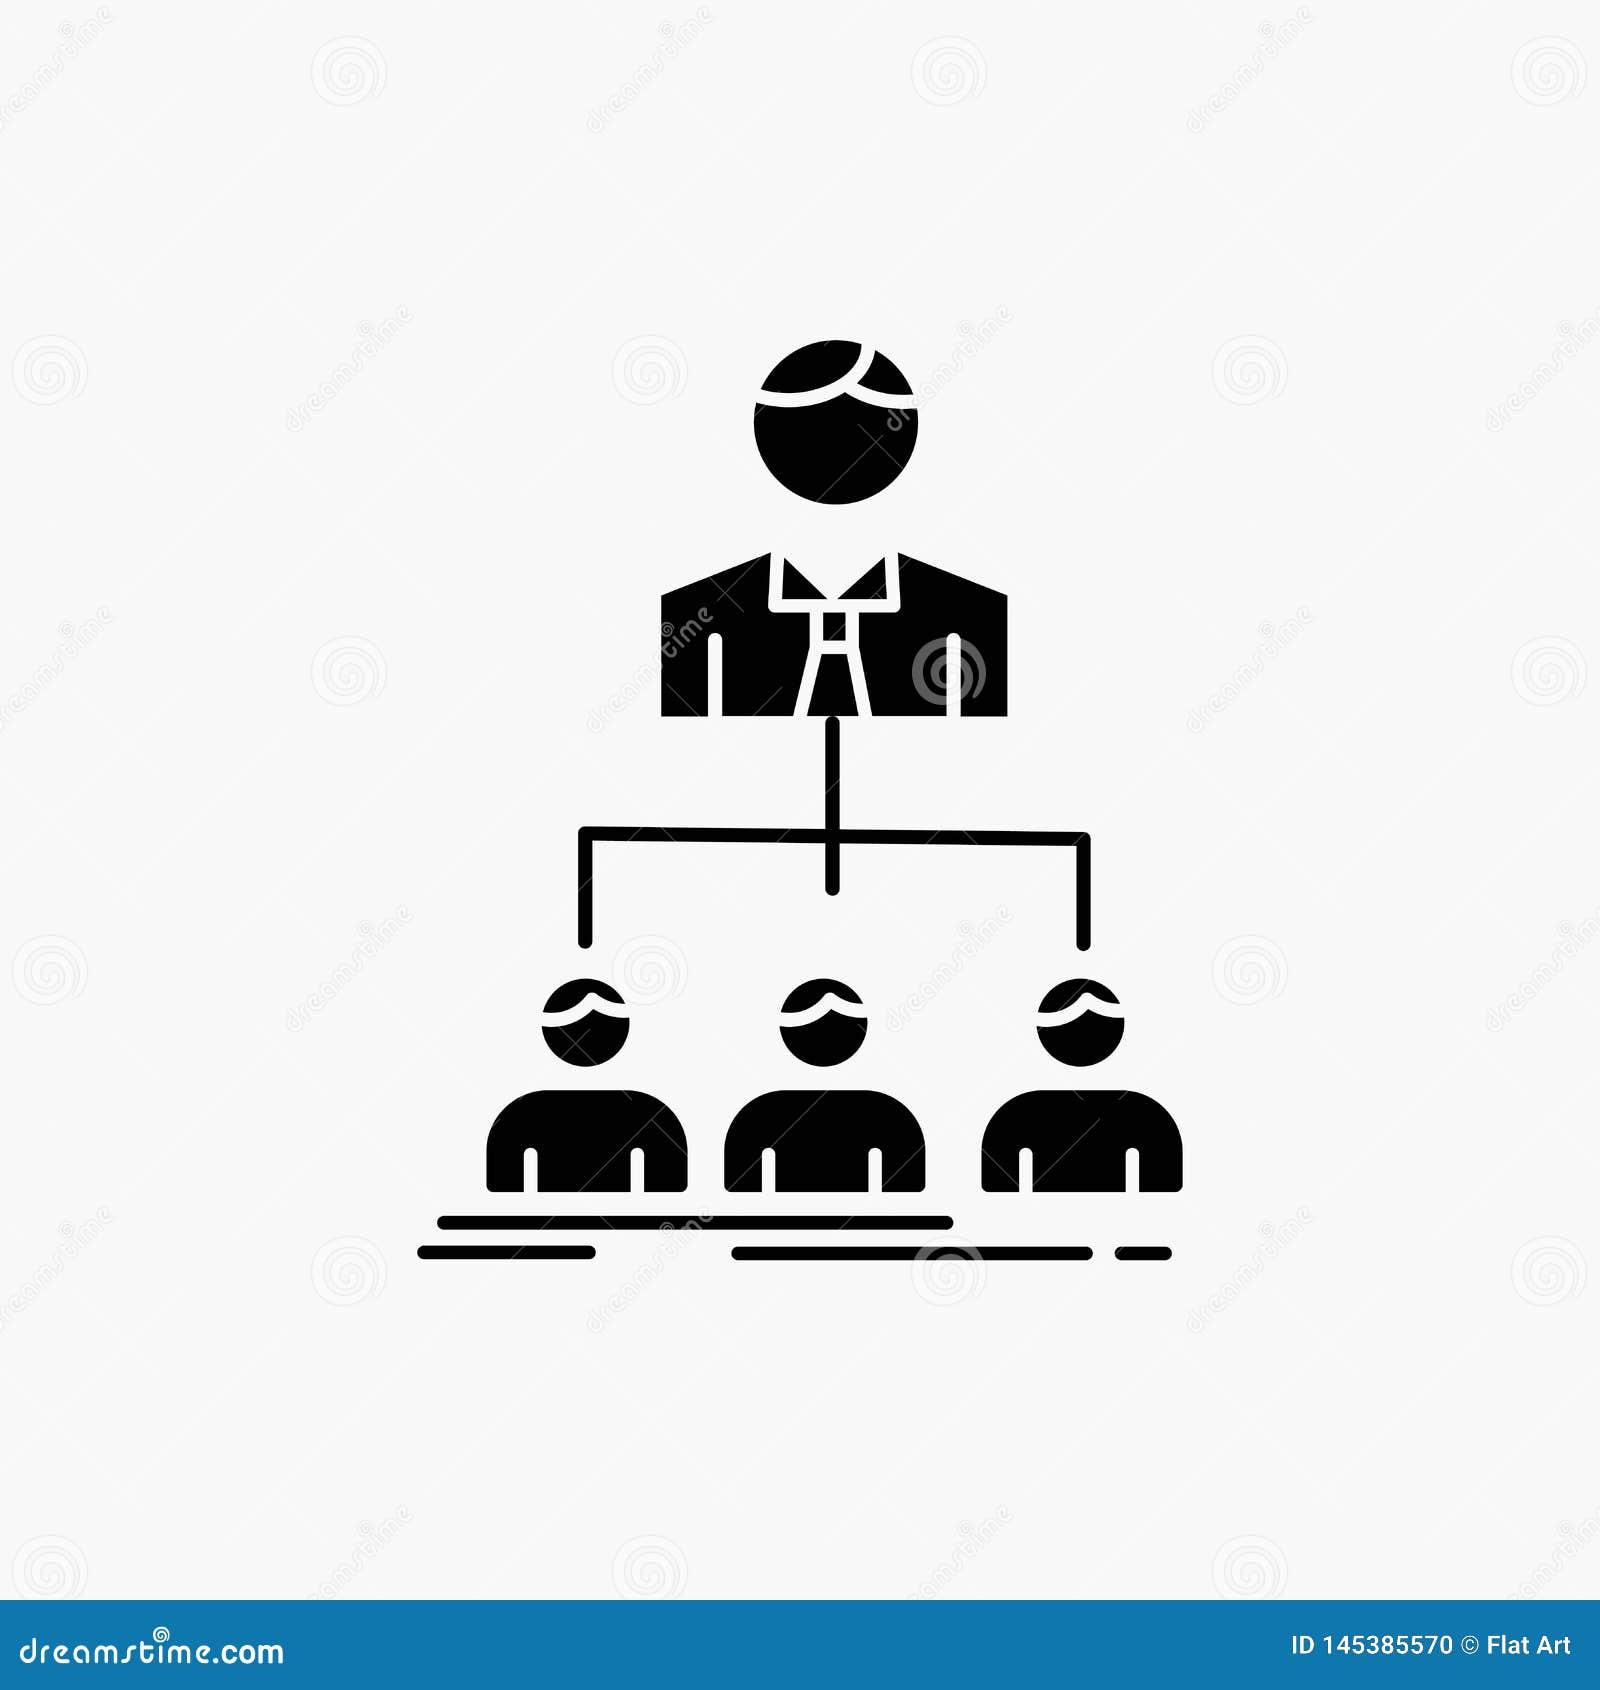 Team, groepswerk, organisatie, groep, het Pictogram van bedrijfglyph Vector ge?soleerde illustratie